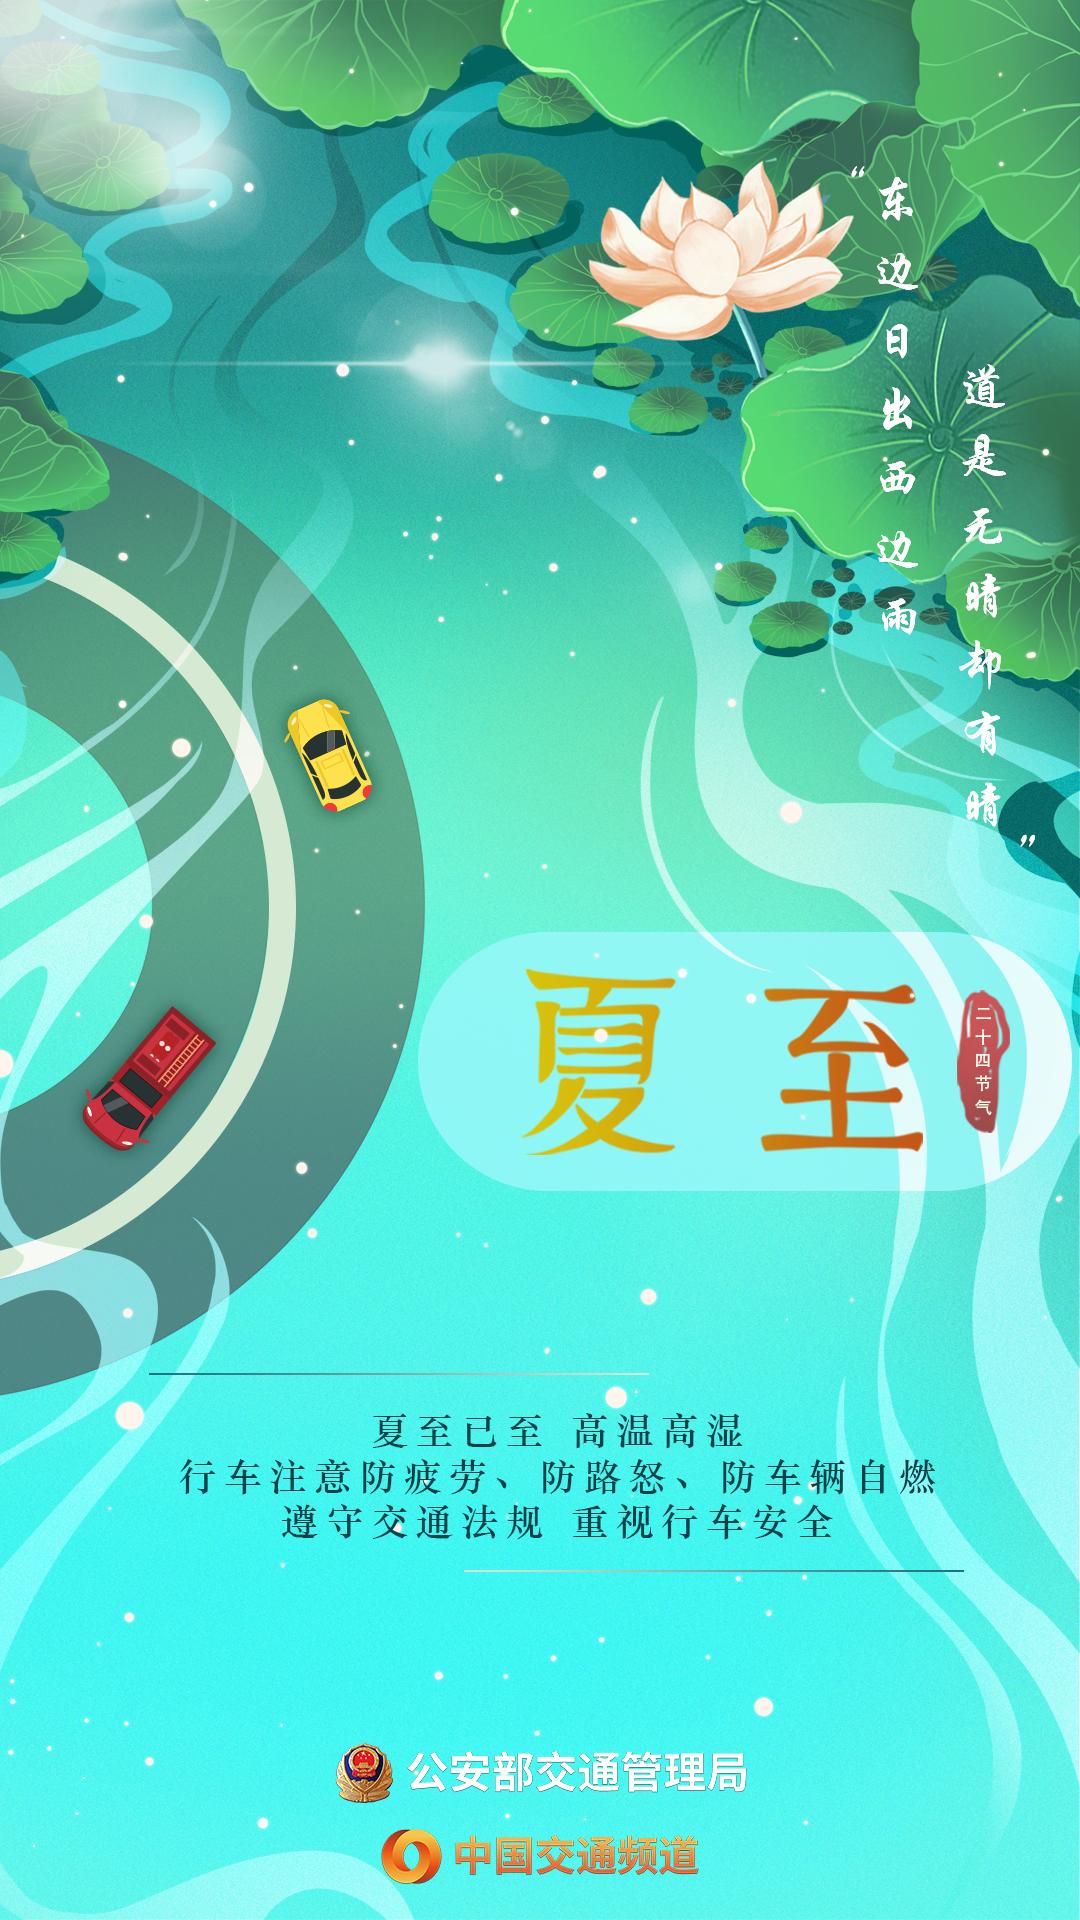 夏季高温高湿,昼长夜短,驾车出行要注意防疲劳,防路怒,防车辆自燃。